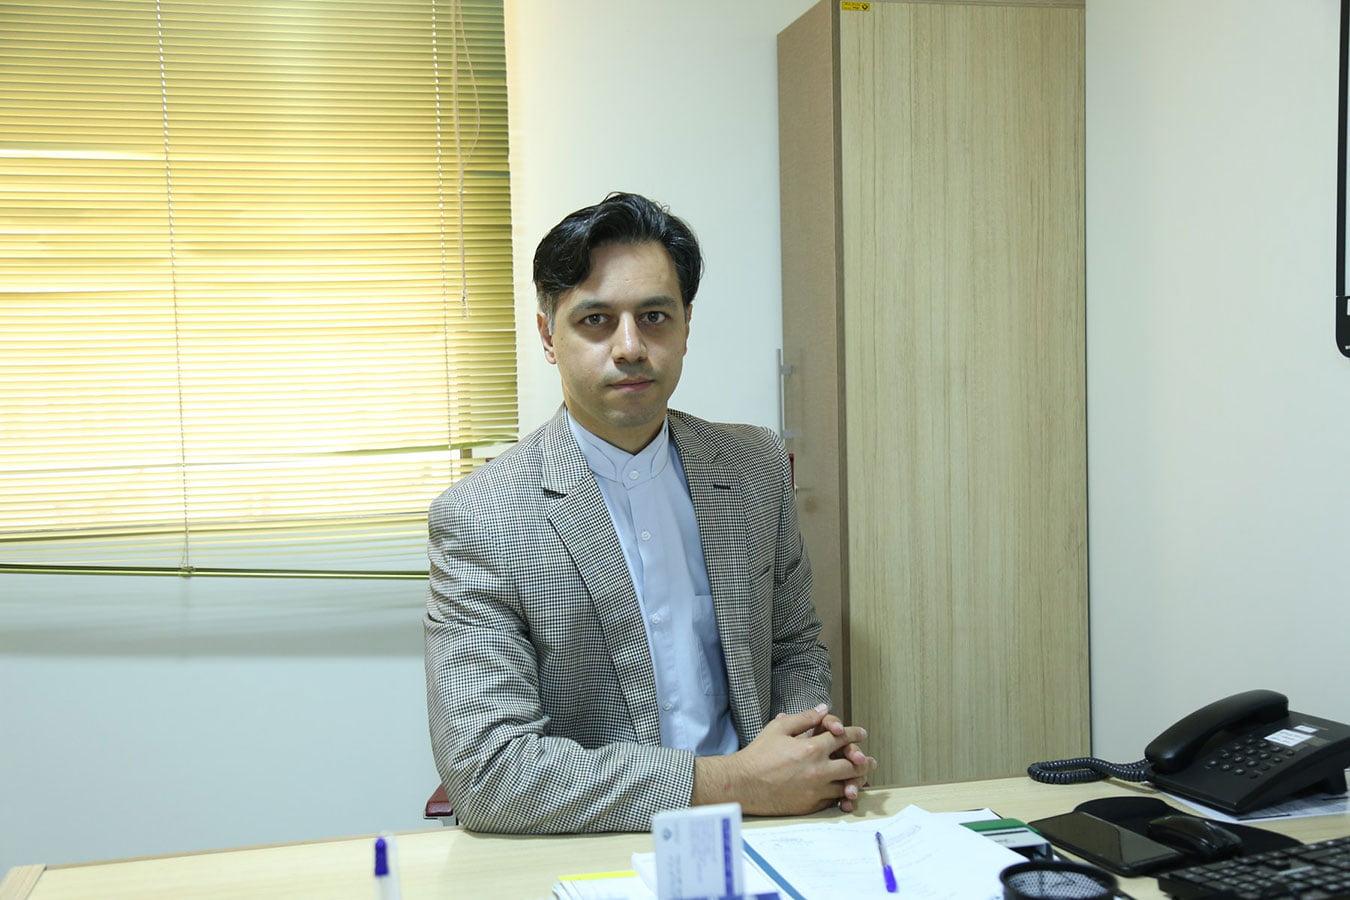 دکتر مجتبی عاملی اورولوژیست